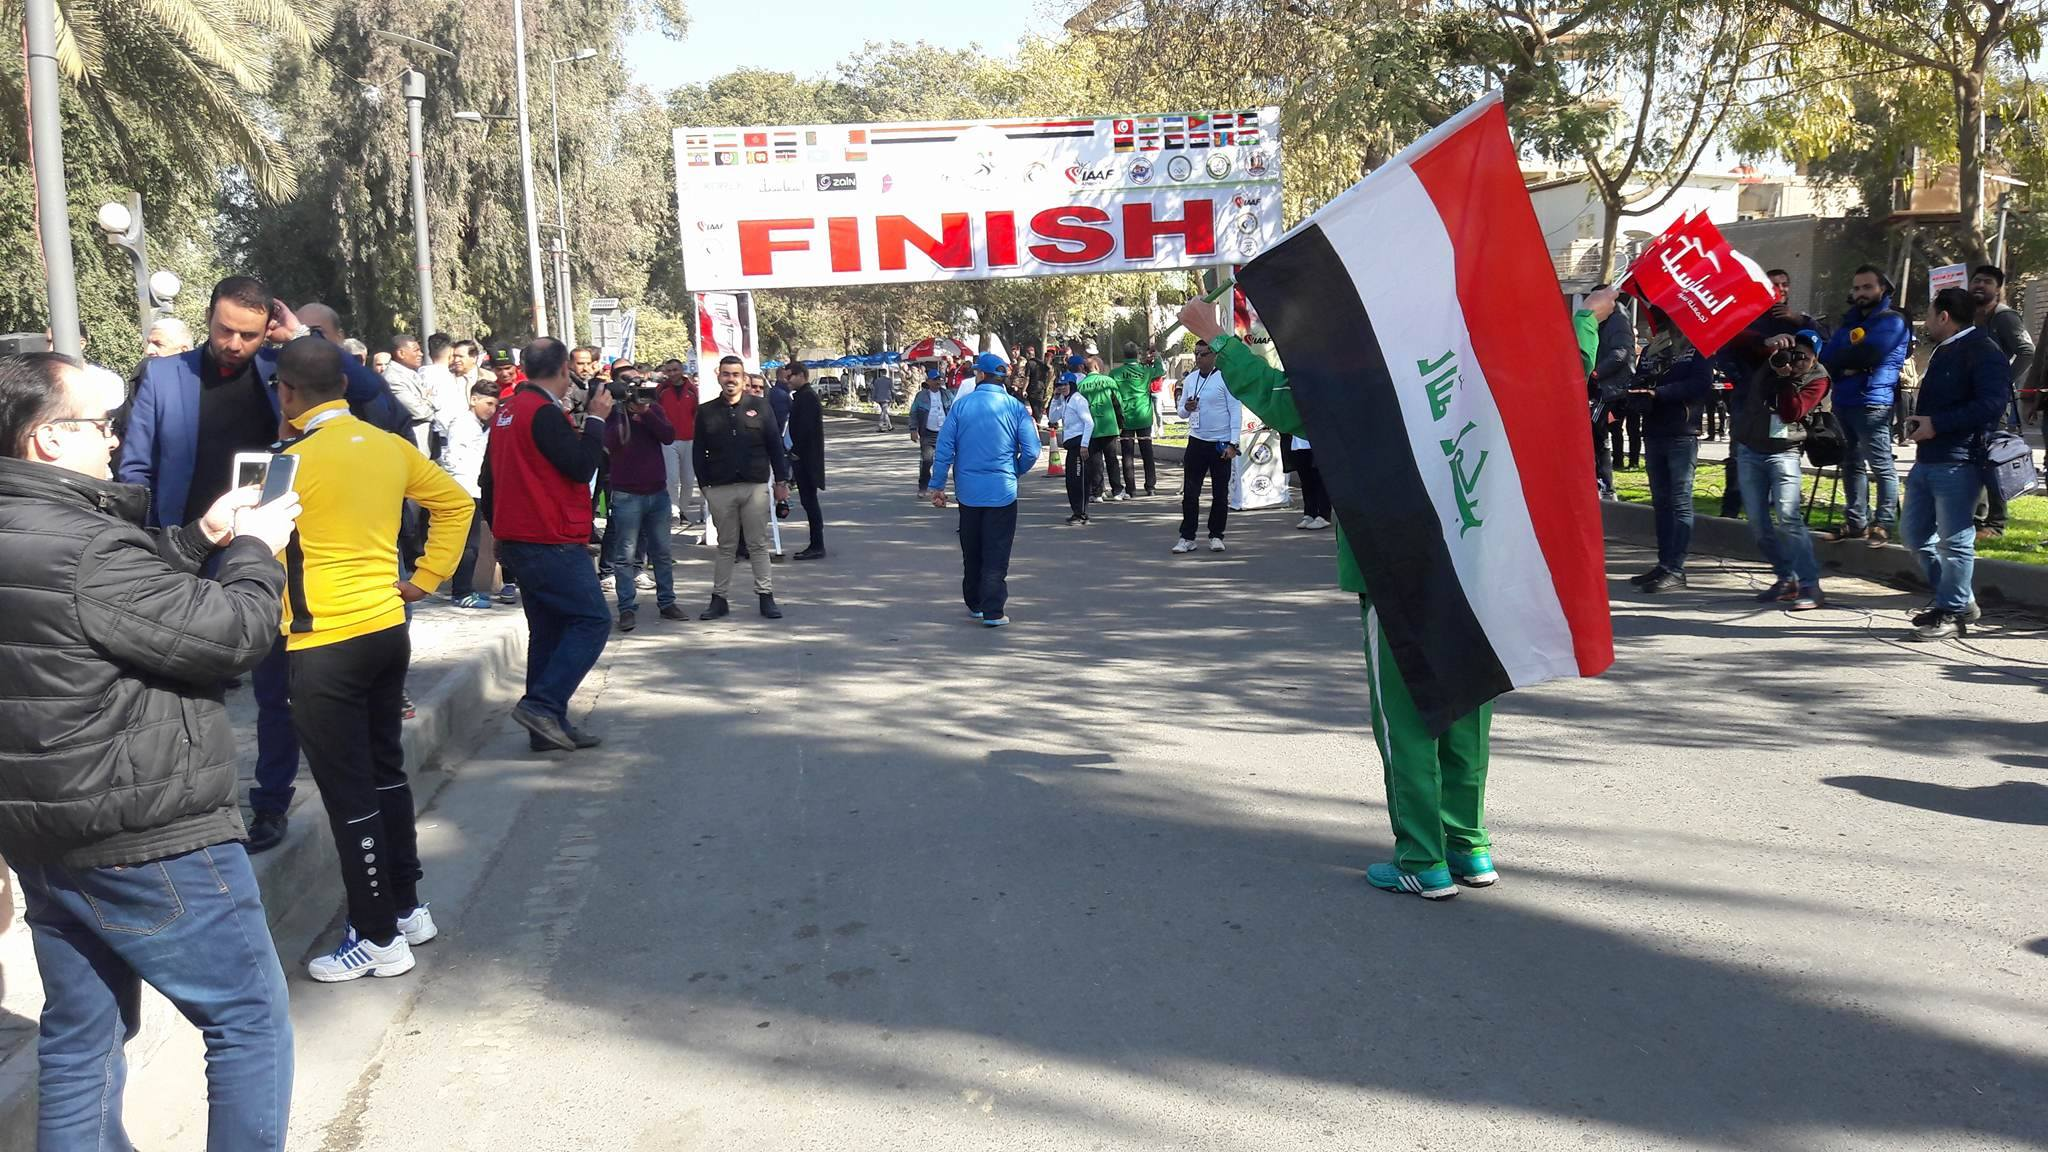 انطلاق ماراثون المحبة والسلام في بغداد بمشاركة 24 دولة عربية وأجنبية